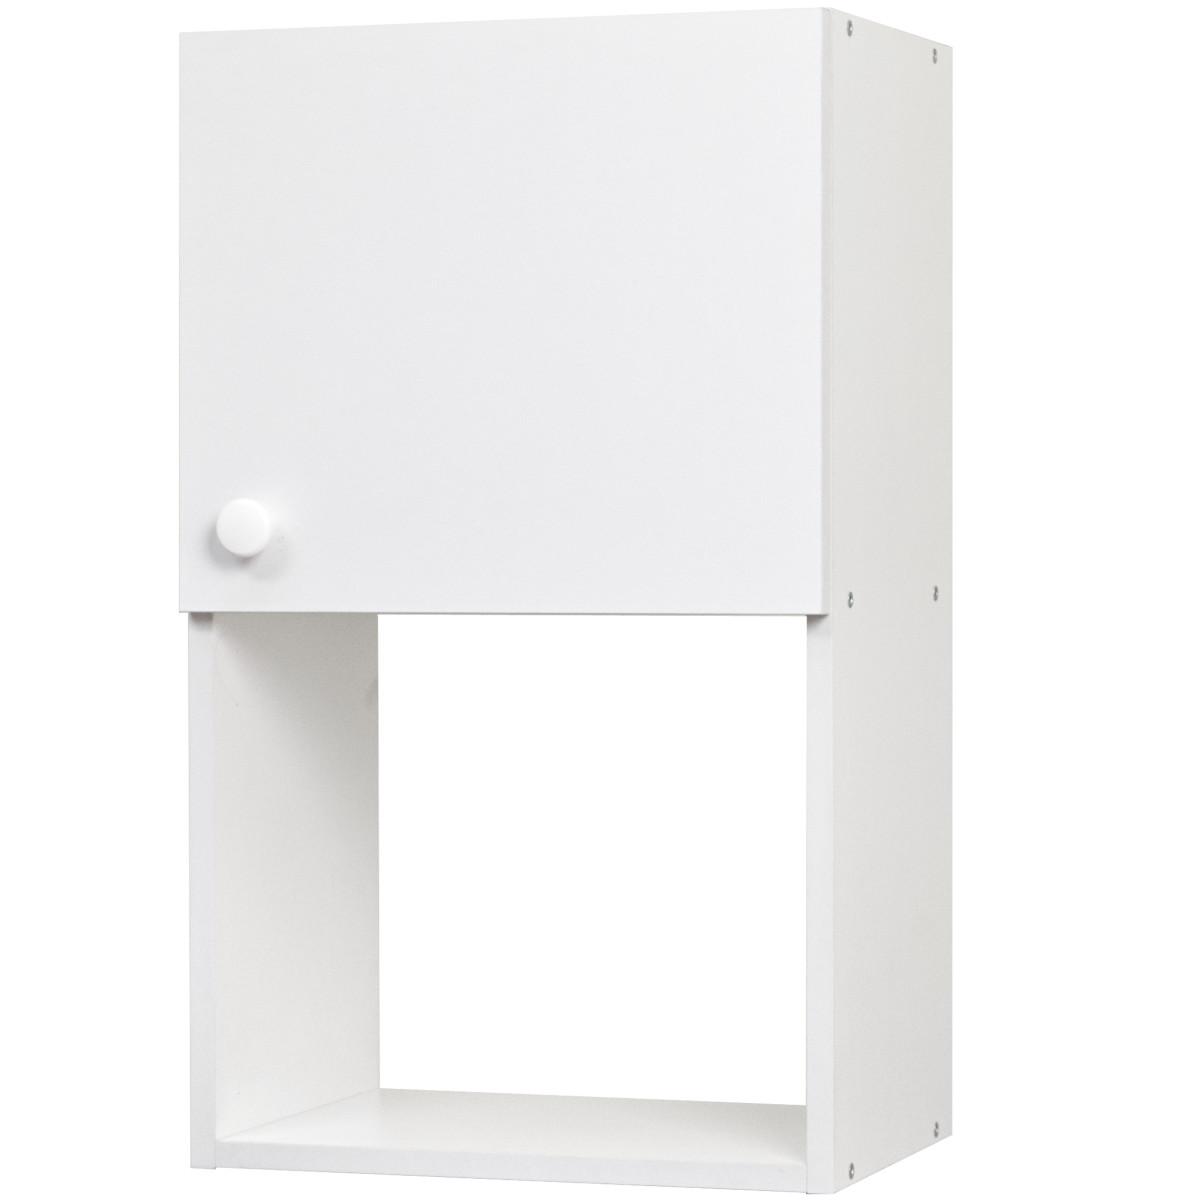 Шкаф навесной Бэлла 20 Аква 40x67.6x29 см ЛДСП цвет белый